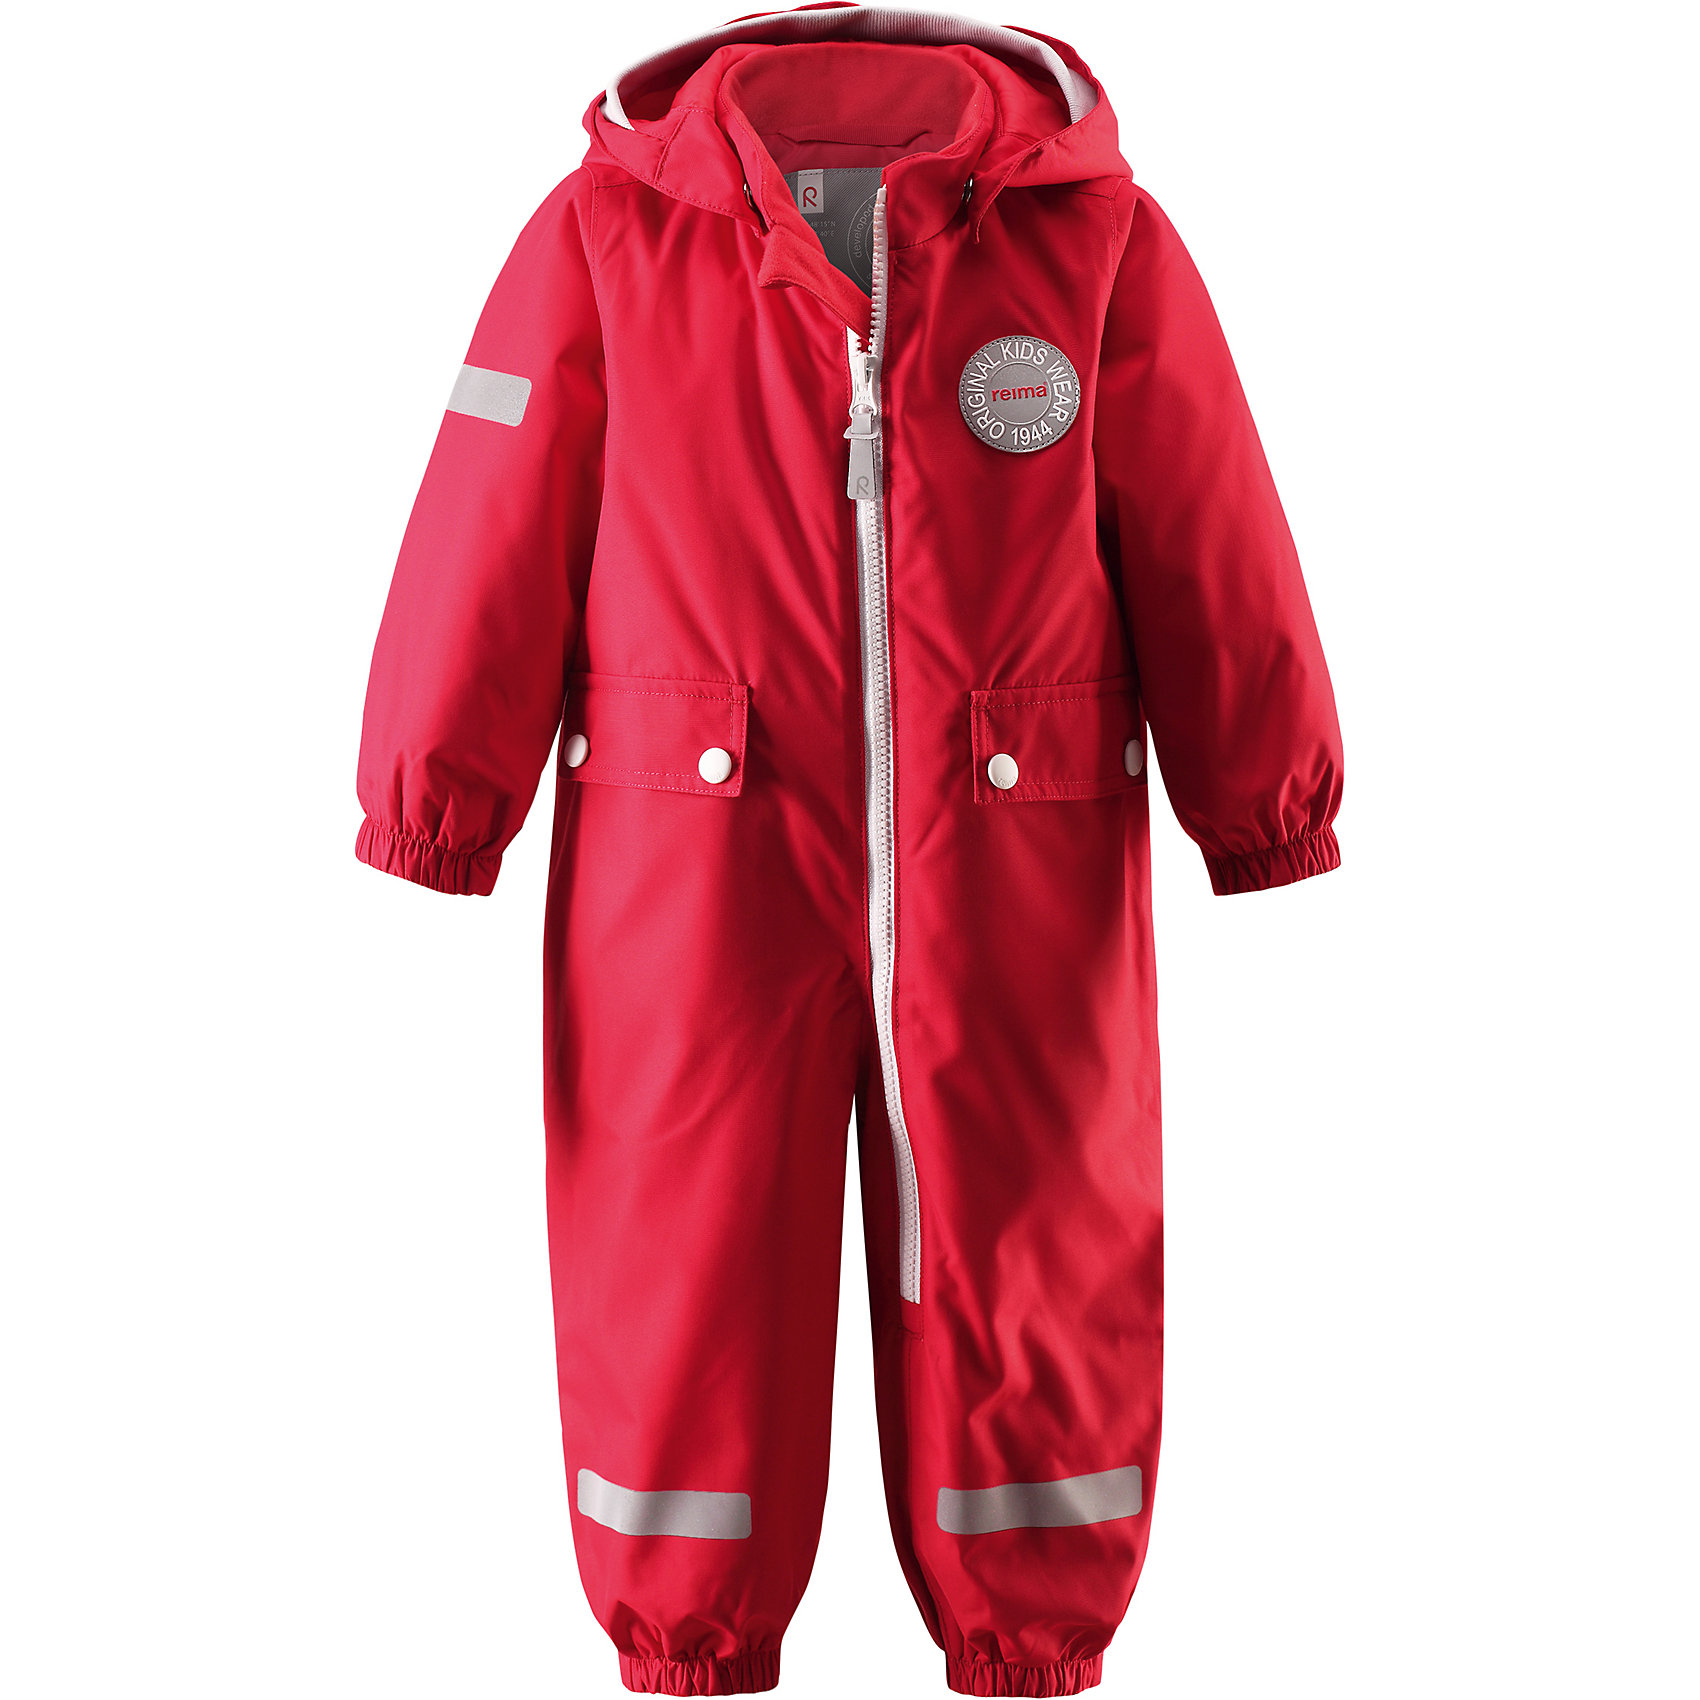 Комбинезон Fangan для девочки Reimatec® ReimaОдежда<br>Характеристики товара:<br><br>• цвет: красный<br>• состав: 100% полиэстер, полиуретановое покрытие<br>• температурный режим: от 0° до +10°С<br>• легкий утеплитель: 80 гр/м2<br>• водонепроницаемость: 8000 мм<br>• воздухопроницаемость: 5000 мм<br>• износостойкость: 30000 циклов (тест Мартиндейла)<br>• основыне швы проклеены, водонепроницаемы<br>• водо- и ветронепроницаемый, дышащий, грязеотталкивающий материал<br>• гладкая подкладка из полиэстера<br>• безопасный съёмный капюшон<br>• мягкая резинка по краю капюшона<br>• эластичные манжеты<br>• талия регулируется изнутри<br>• эластичные манжеты на брючинах<br>• съёмные эластичные штрипки<br>• длинная застёжка на молнии облегчает надевание<br>• два накладных кармана<br>• комфортная посадка<br>• страна производства: Китай<br>• страна бренда: Финляндия<br>• коллекция: весна-лето 2017<br><br>Верхняя одежда для детей может быть модной и комфортной одновременно! Демисезонный комбинезон поможет обеспечить ребенку комфорт и тепло. Он отлично смотрится с различной обувью. Изделие удобно сидит и модно выглядит. Материал - прочный, хорошо подходящий для межсезонья, водо- и ветронепроницаемый, «дышащий». Стильный дизайн разрабатывался специально для детей.<br><br>Одежда и обувь от финского бренда Reima пользуется популярностью во многих странах. Эти изделия стильные, качественные и удобные. Для производства продукции используются только безопасные, проверенные материалы и фурнитура. Порадуйте ребенка модными и красивыми вещами от Reima! <br><br>Комбинезон Reimatec® от финского бренда Reima (Рейма) можно купить в нашем интернет-магазине.<br><br>Ширина мм: 356<br>Глубина мм: 10<br>Высота мм: 245<br>Вес г: 519<br>Цвет: красный<br>Возраст от месяцев: 6<br>Возраст до месяцев: 9<br>Пол: Женский<br>Возраст: Детский<br>Размер: 74,98,92,86,80<br>SKU: 5265724